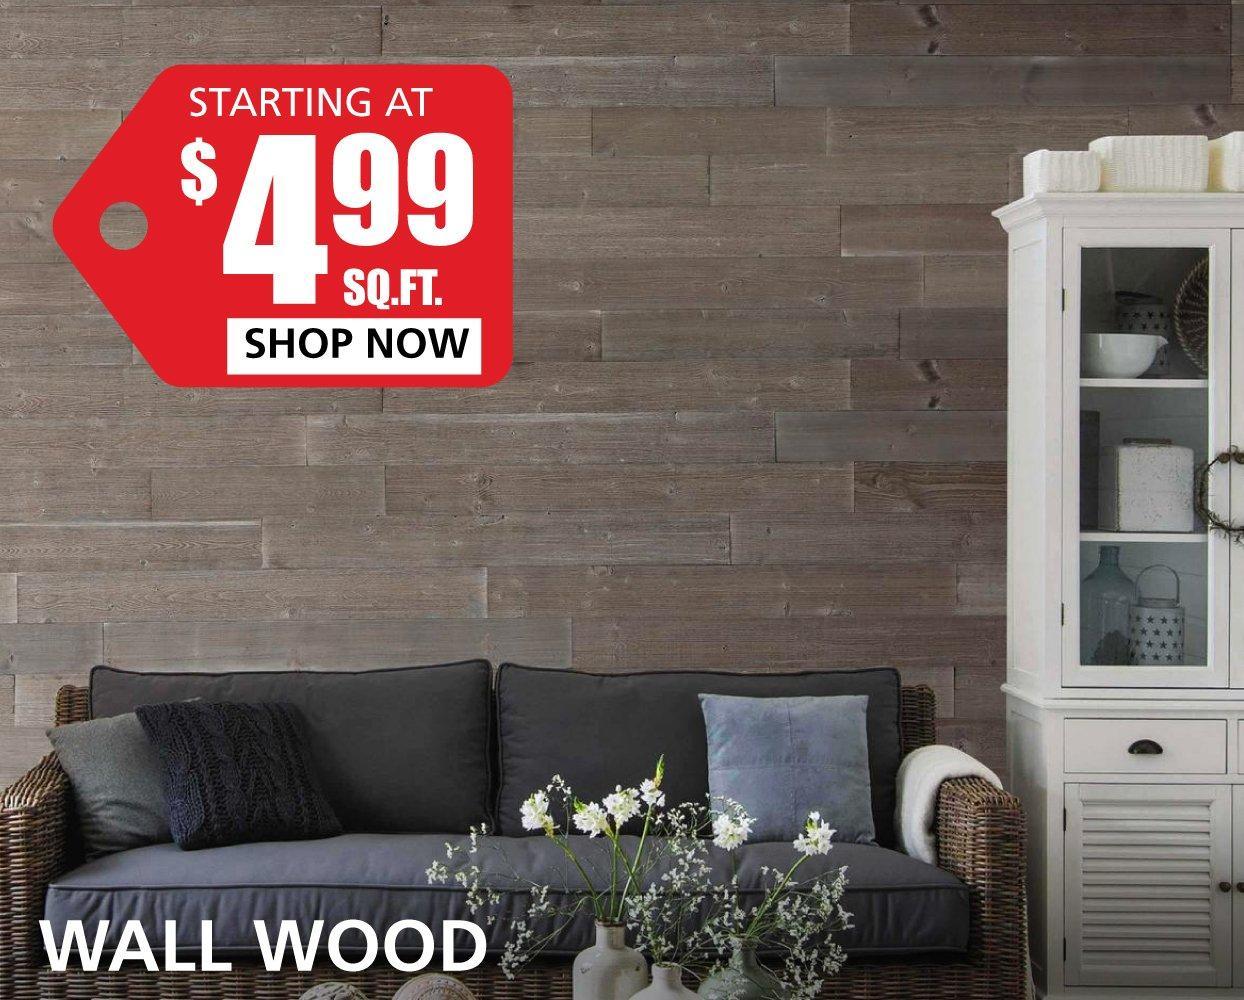 Wall Wood starting at $4.99 per square foot